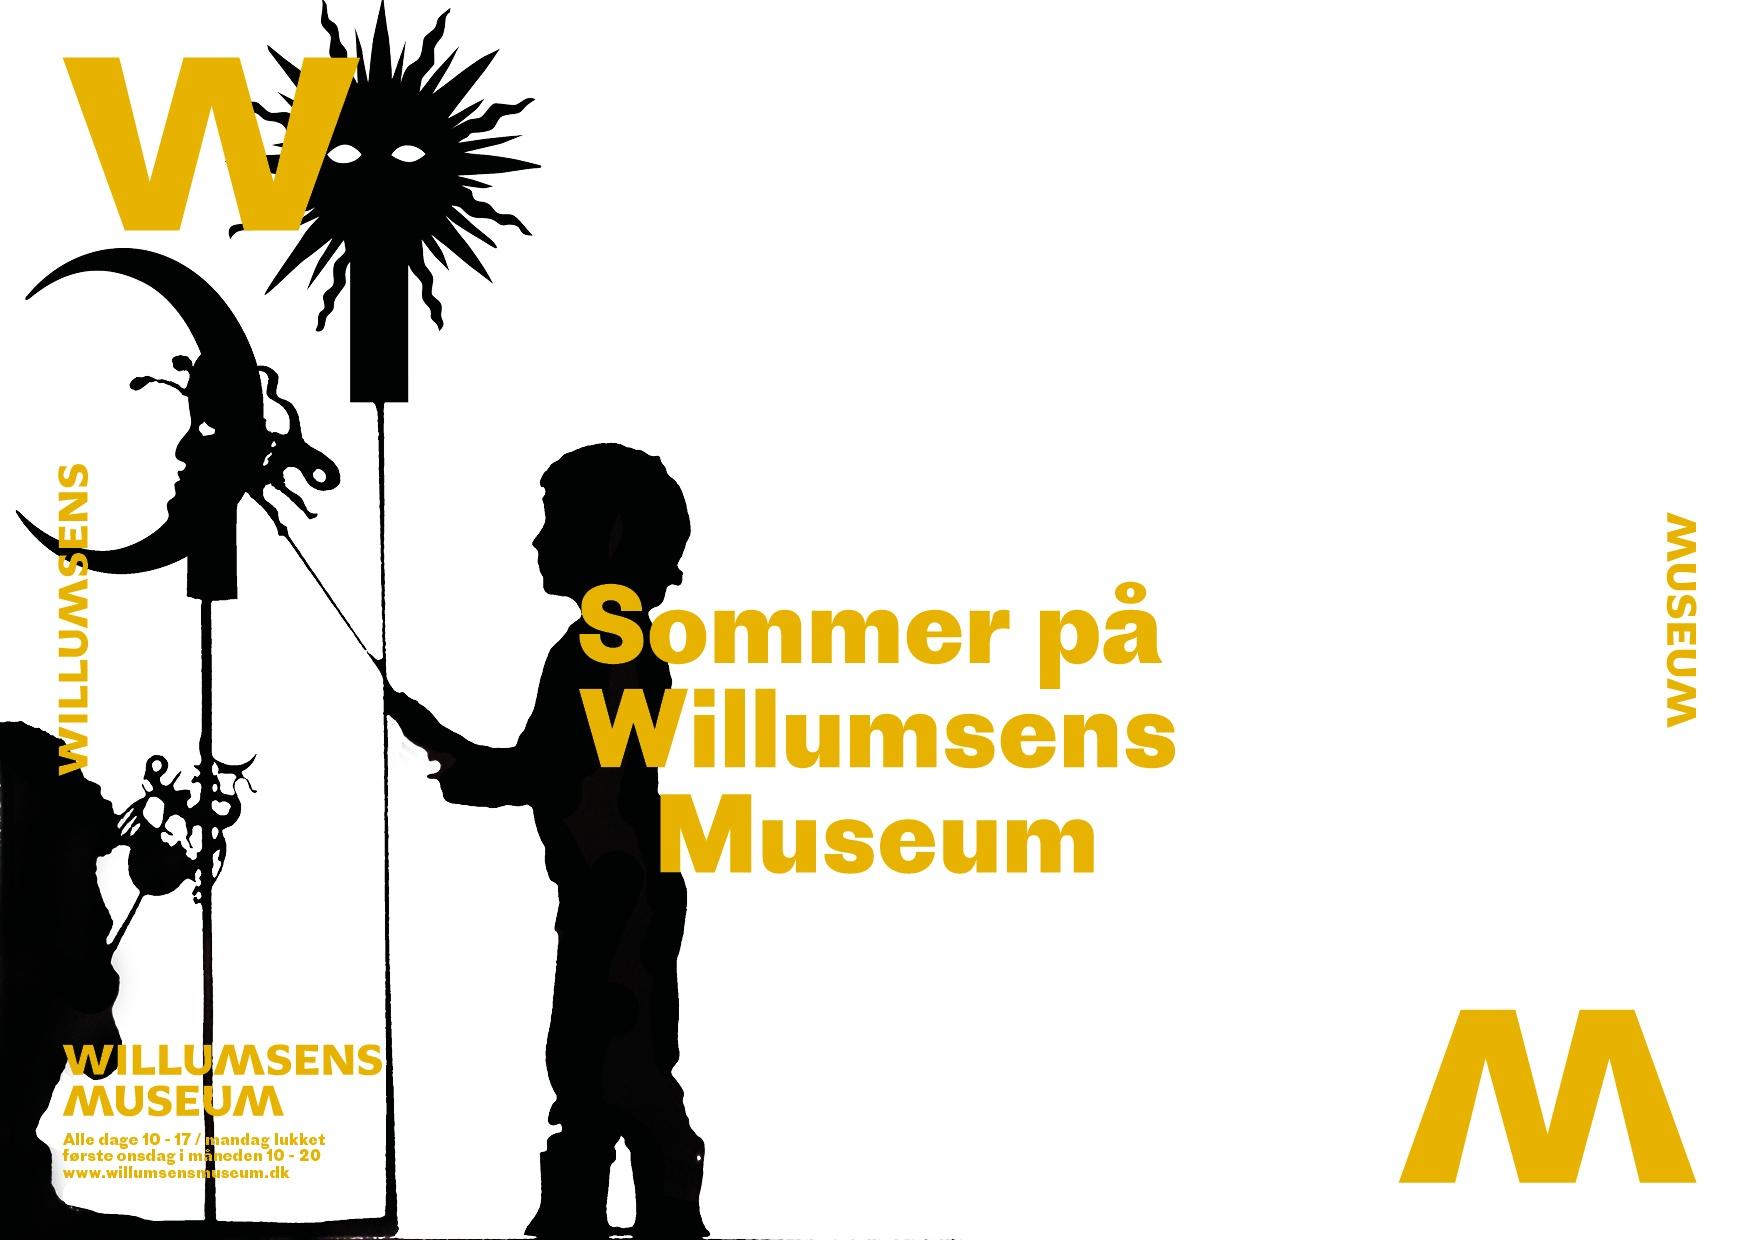 Sommer på Willumsens Museum